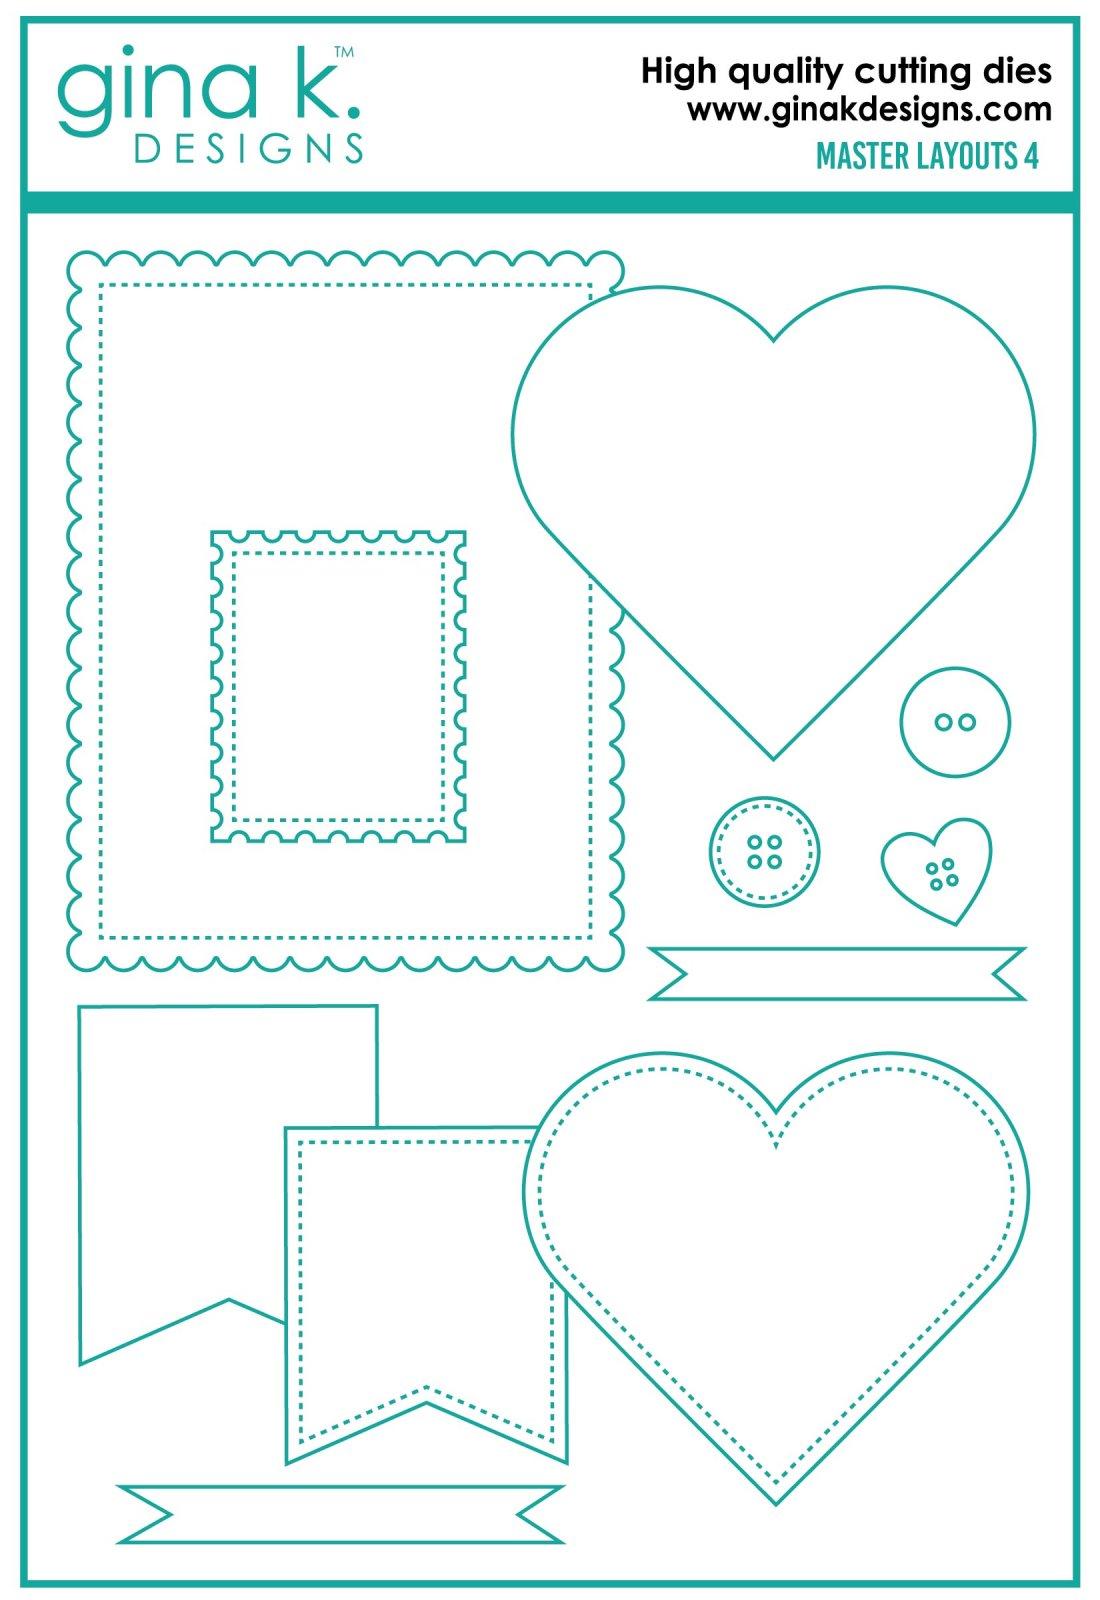 Gina K. Designs- Master Layouts 4 Die Set